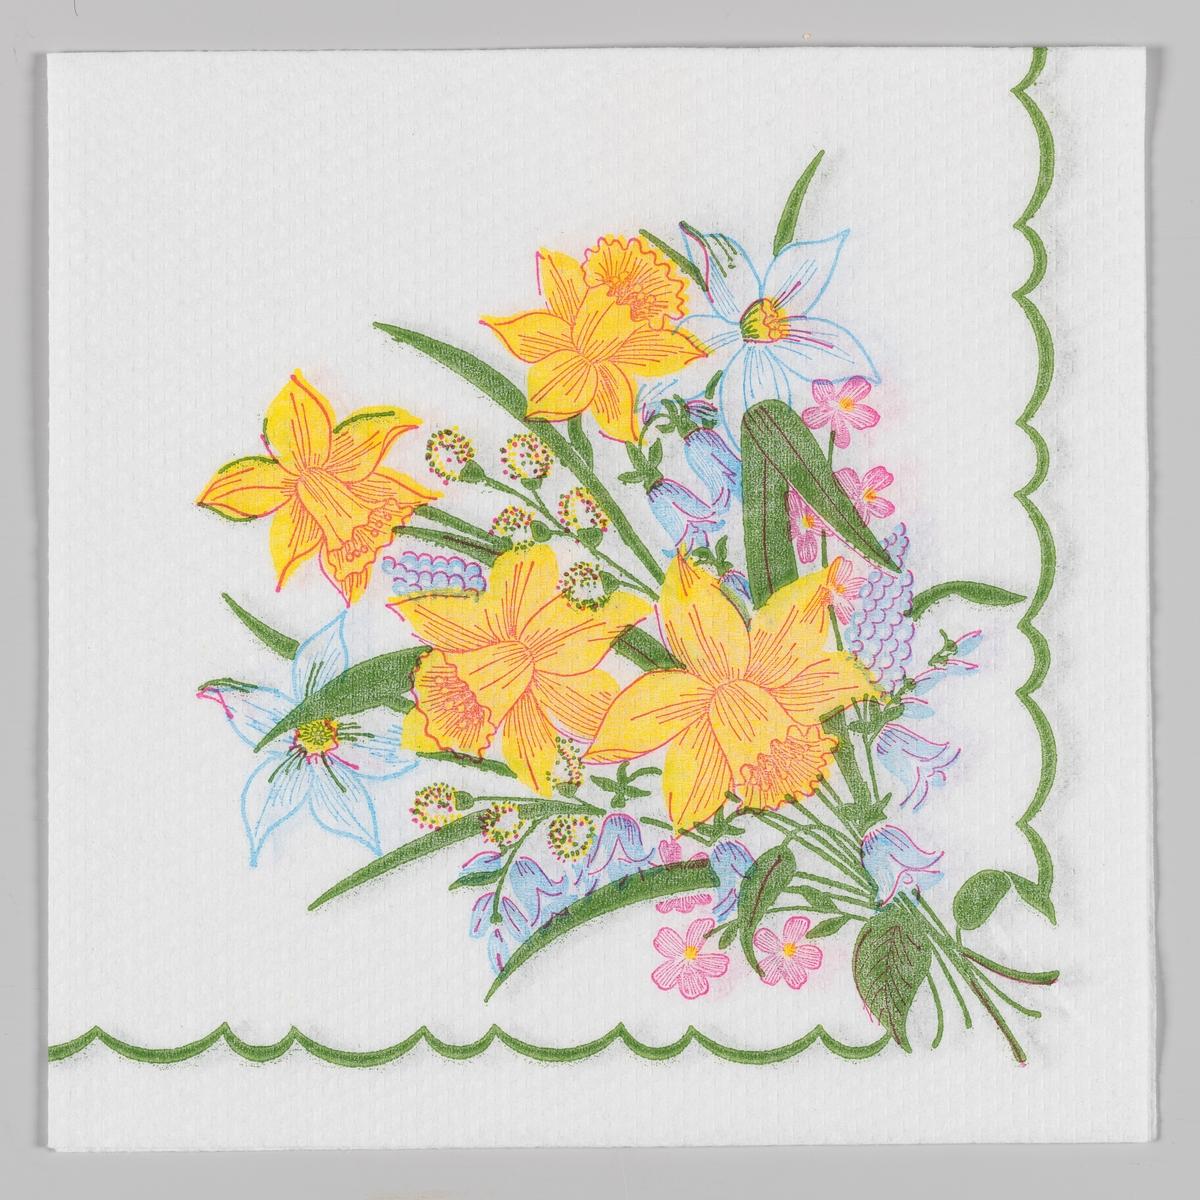 """En bukett med påskeliljer, pinseliljer, grener med """"gåsunger"""", perleblomster, klokkeblomster og små rosa blomster. En bølget grønn kant."""